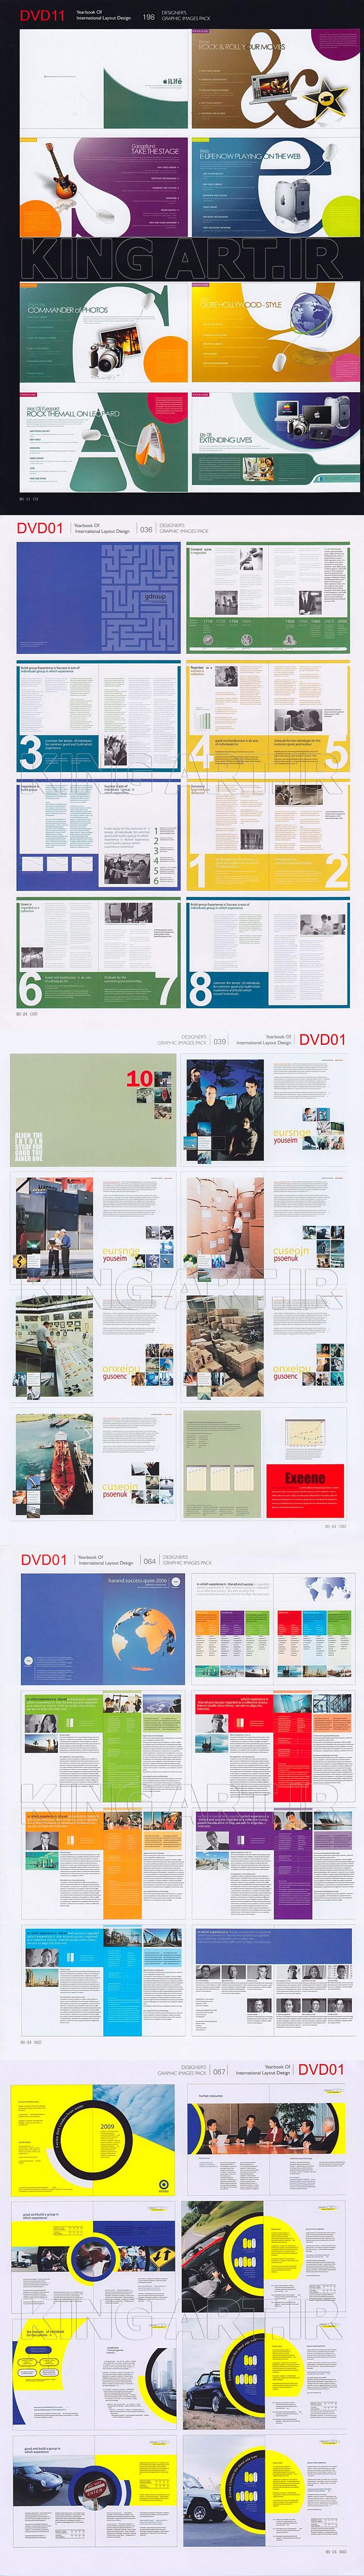 تمپلیت های طراحی کاتالوگ - ول 3( کاتالوگ تبلیغاتی )